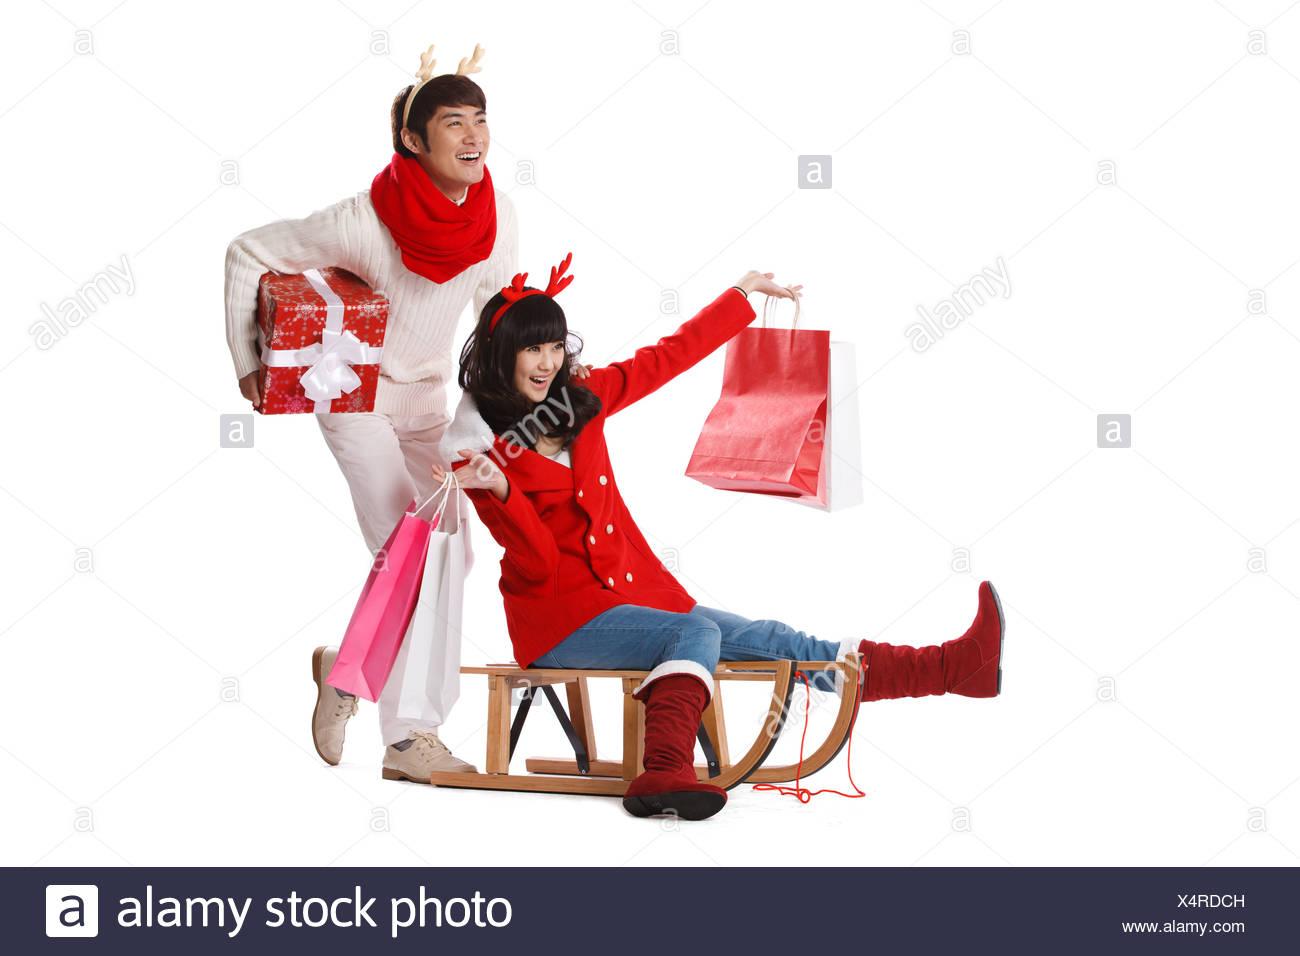 Junges Paar halten Weihnachtsgeschenk auf Schlitten Stockfoto, Bild ...